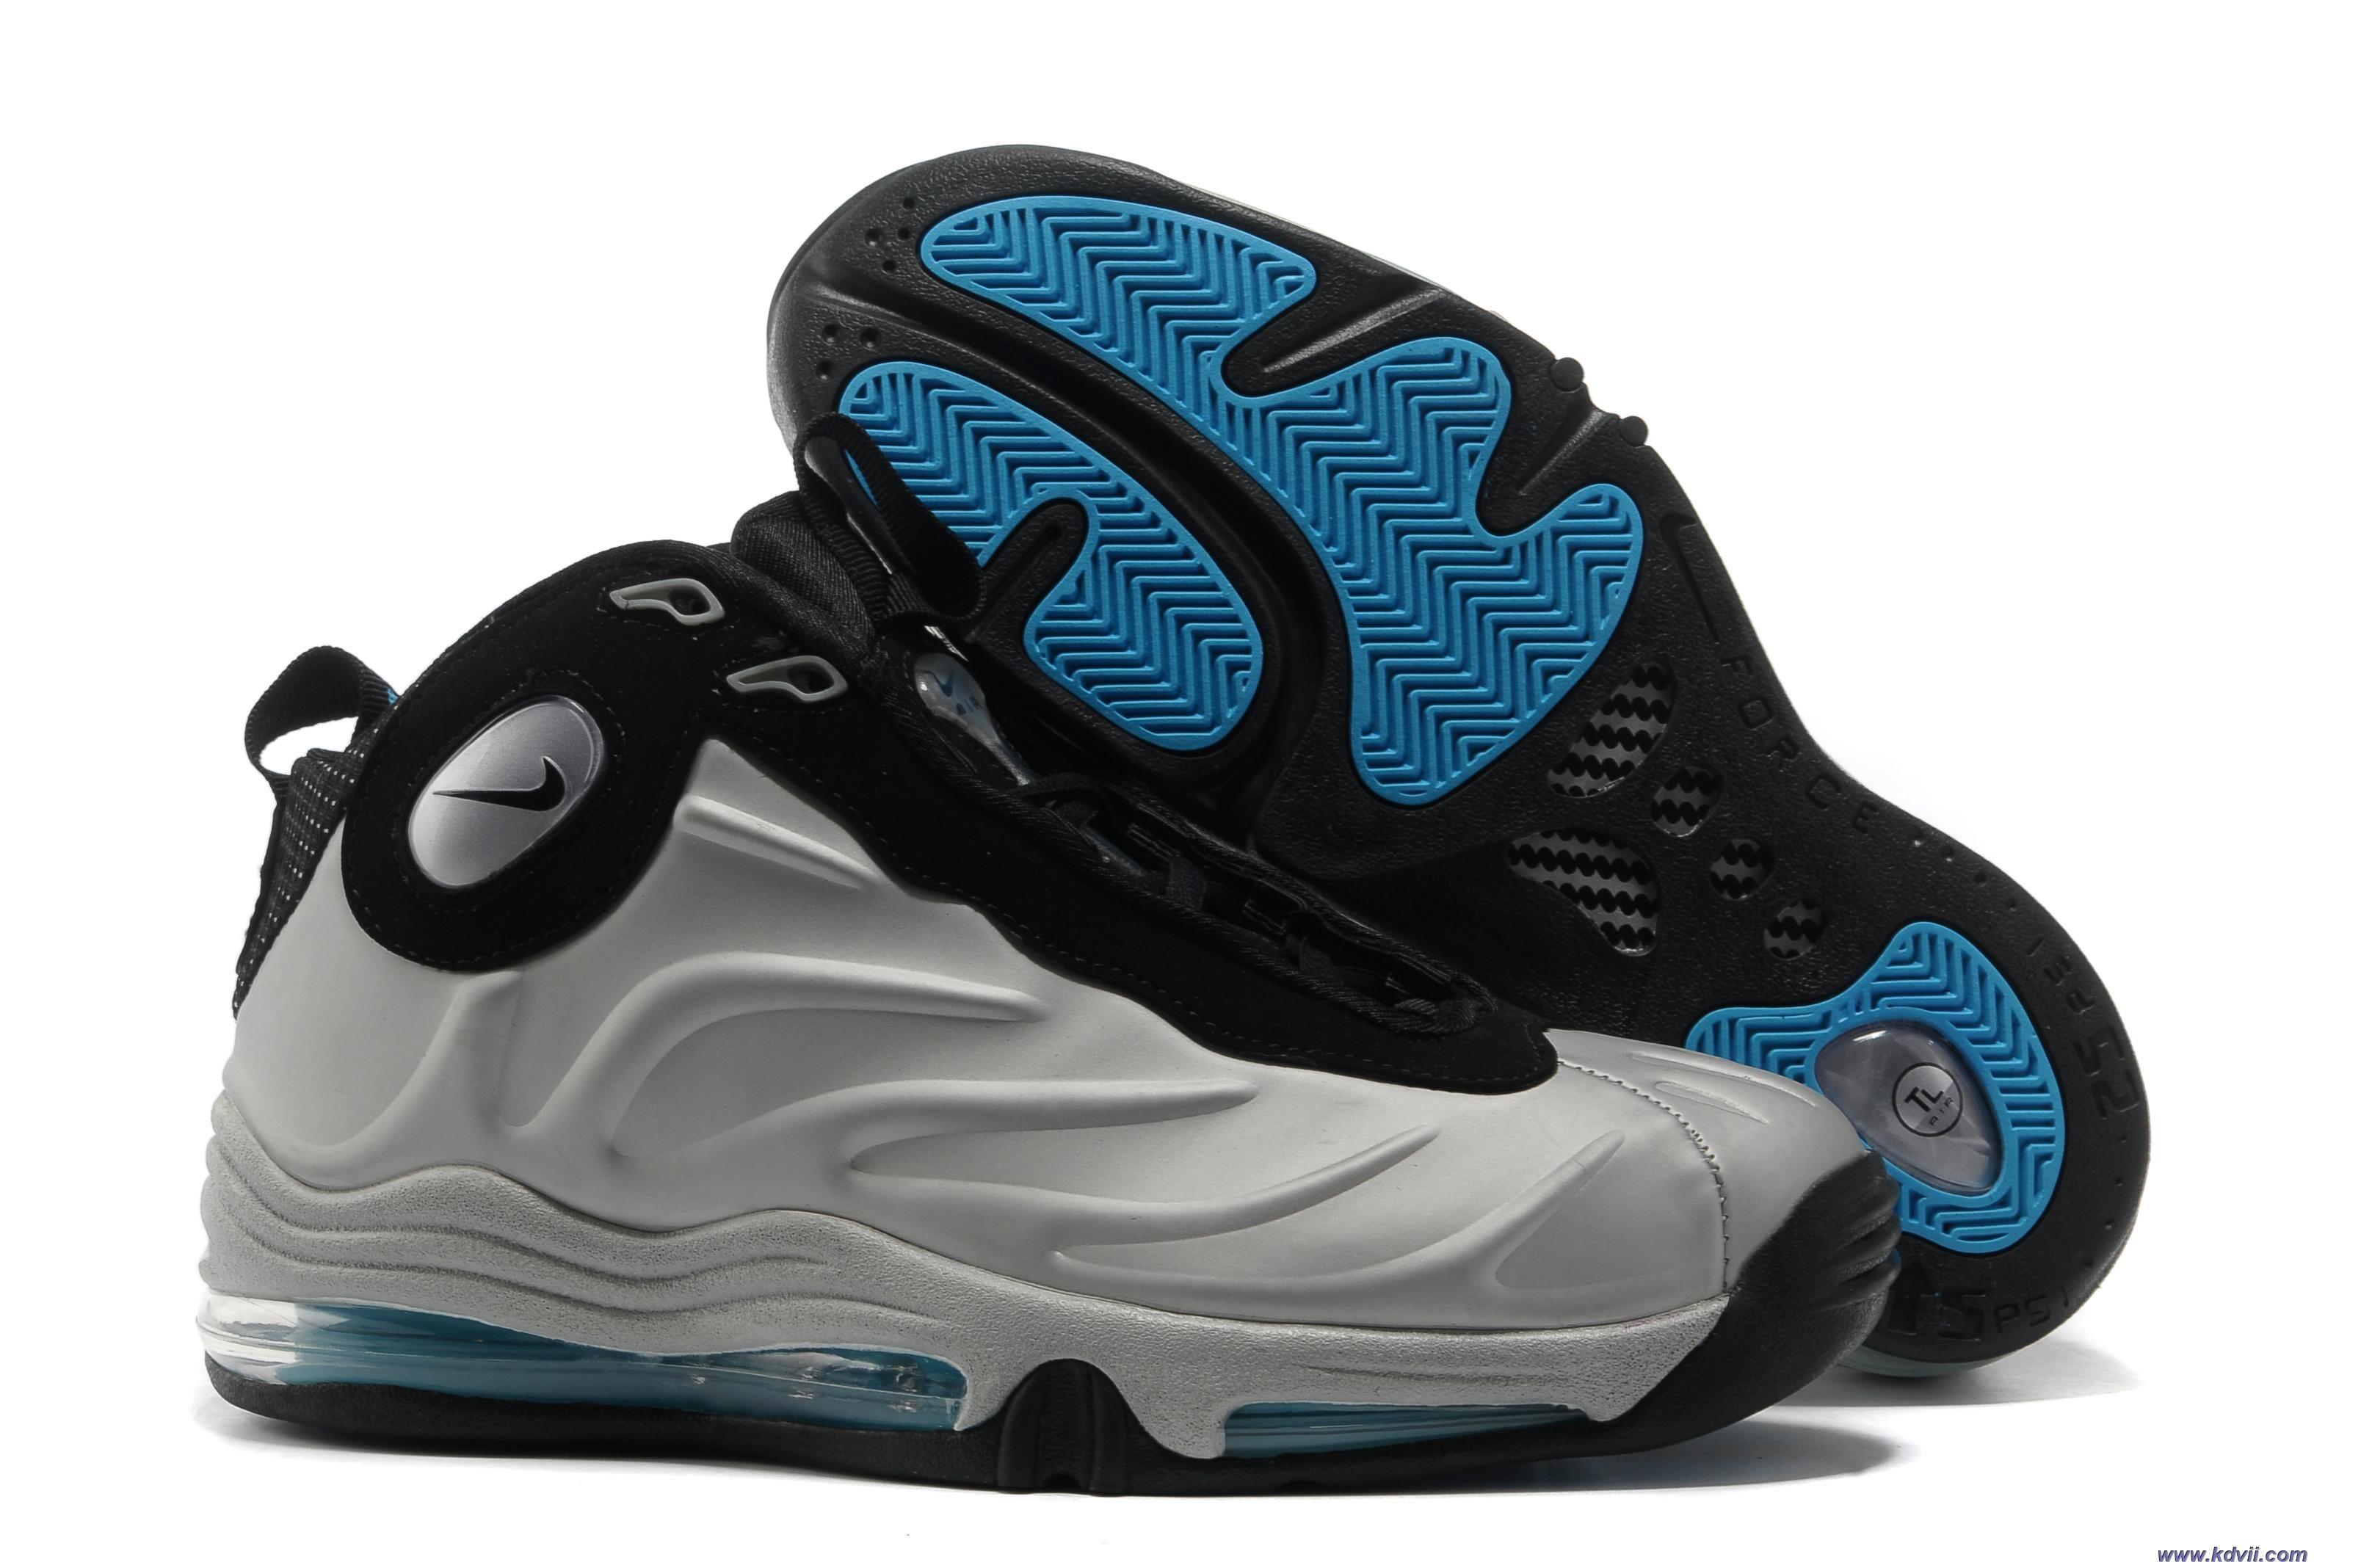 Nike Total Air Foamposites Max Mens Nike Basketball Shoes cheap Nike Air  Total Foamposite Max, If you want to look Nike Total Air Foamposites Max  Mens Nike ...